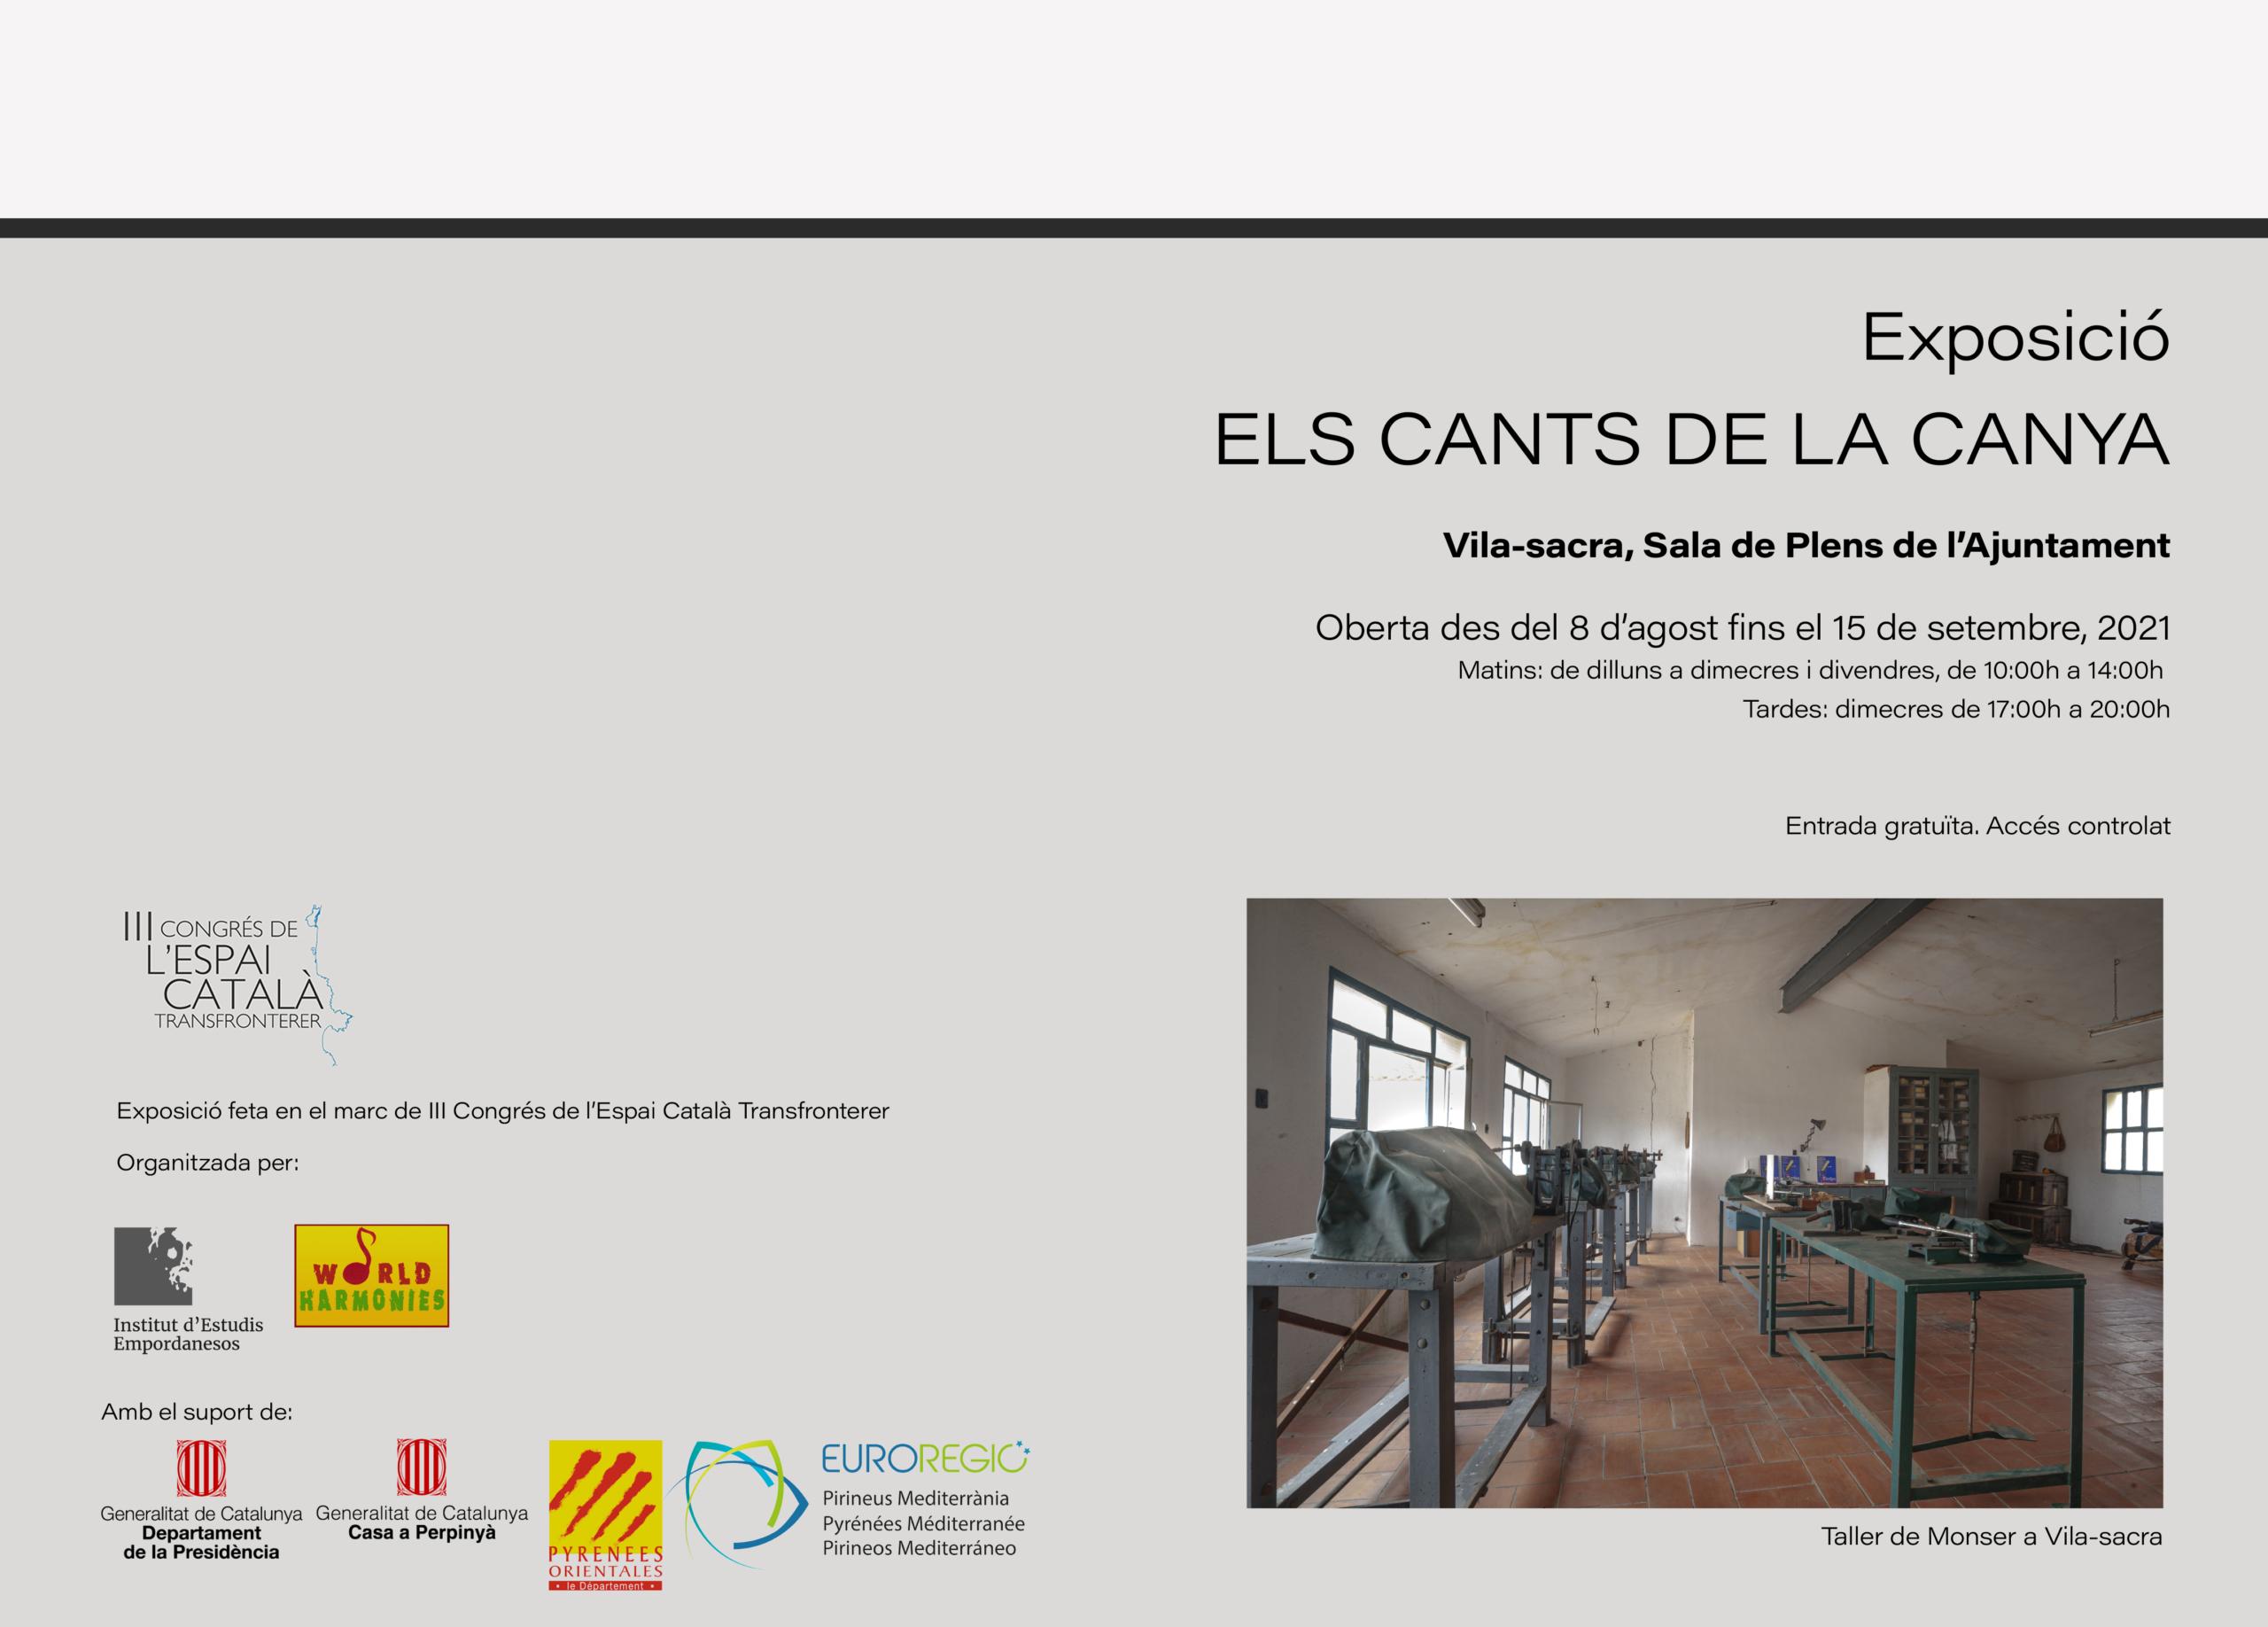 """Exposició """"Els Cants de la Canya"""" a Vila-sacra"""